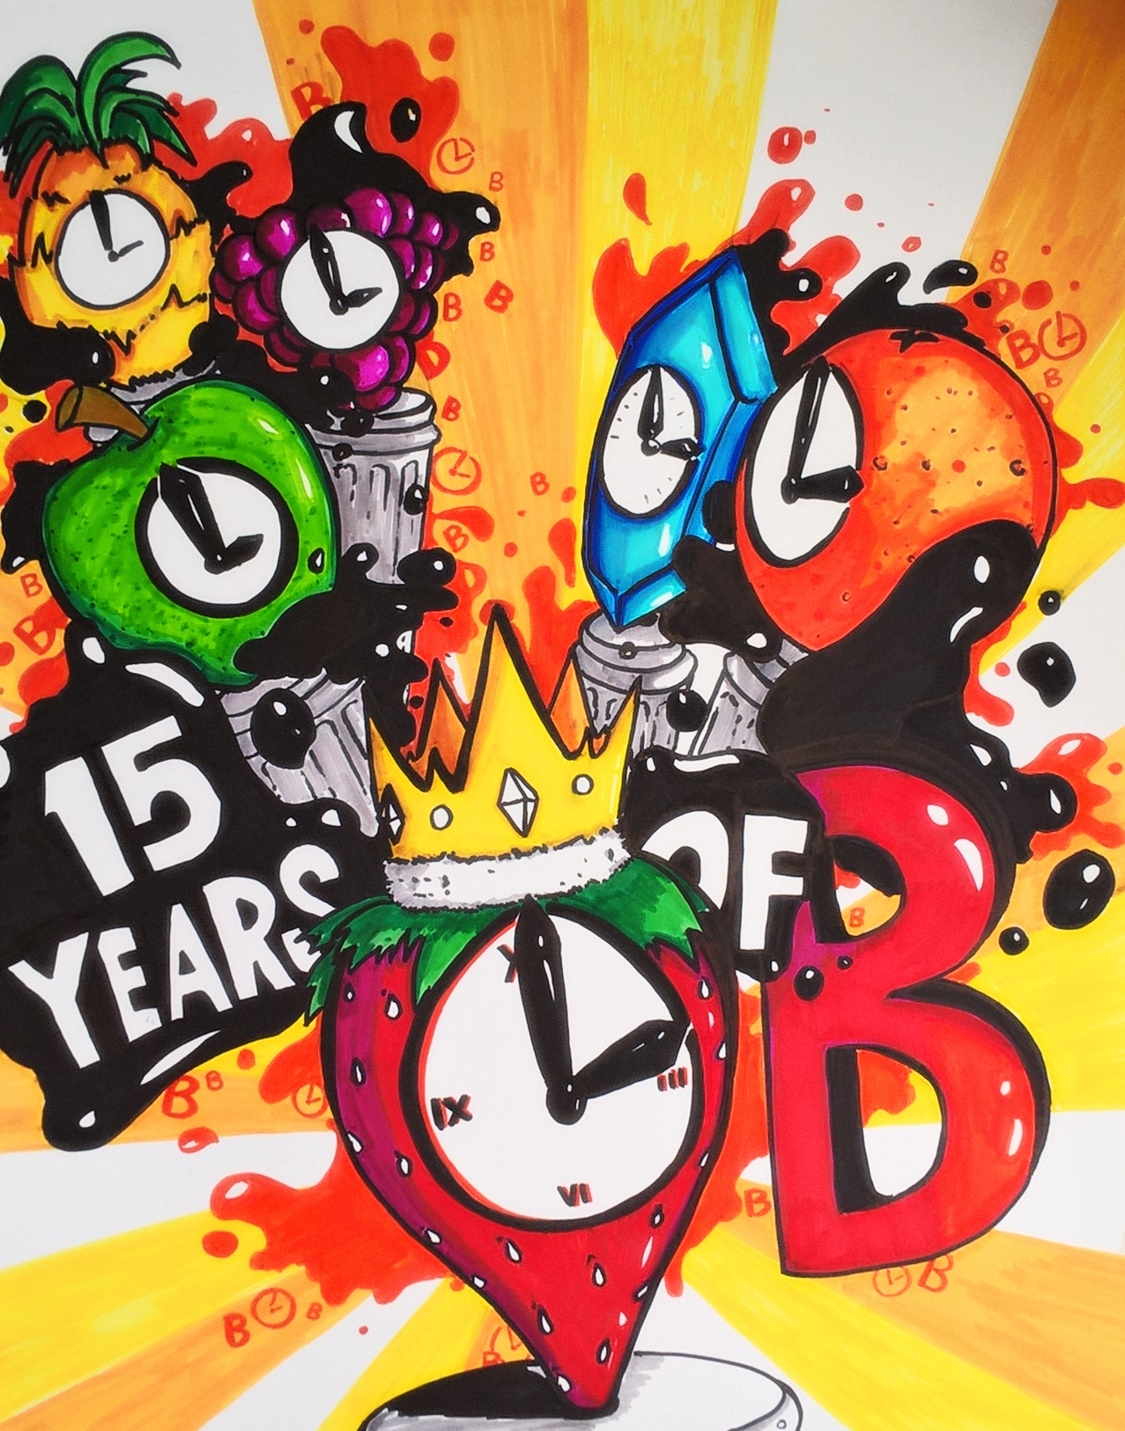 15 Years of B!